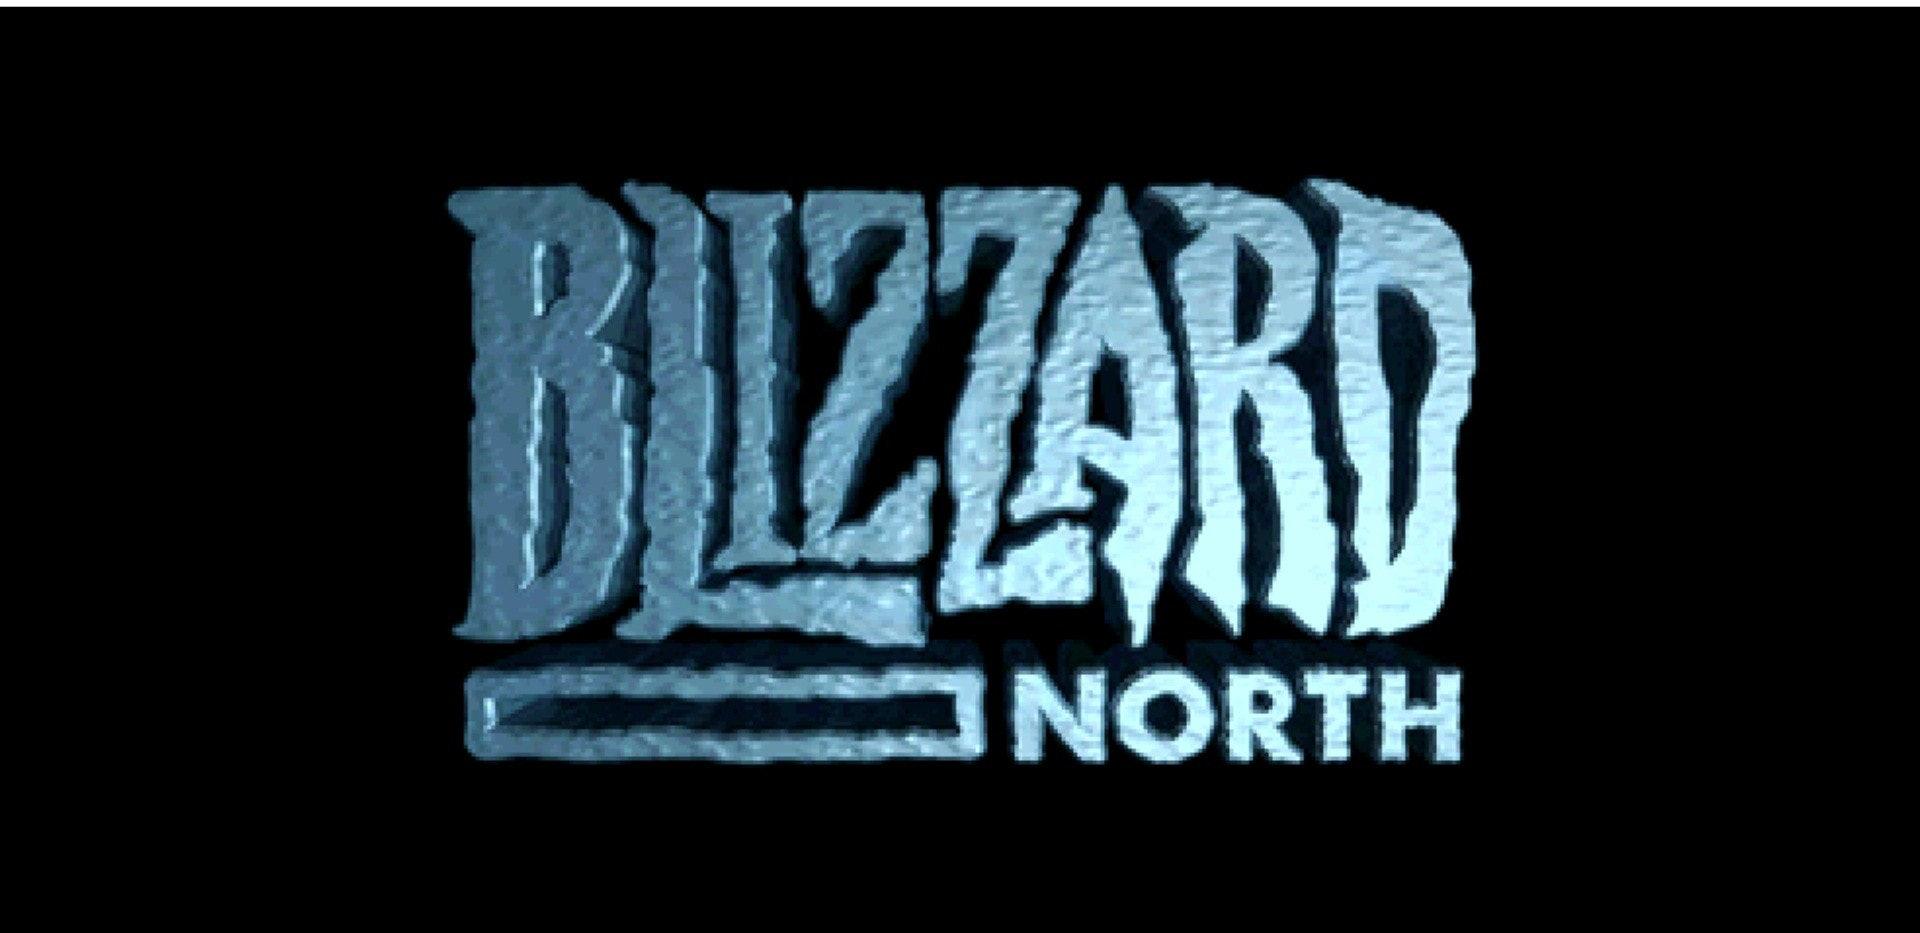 不知道多少年沒見過Blizzard North的Logo了(開發暗黑破壞神的工作室,在遊戲推出前被Blizzard收購,已在2005年解散),懷念呀...